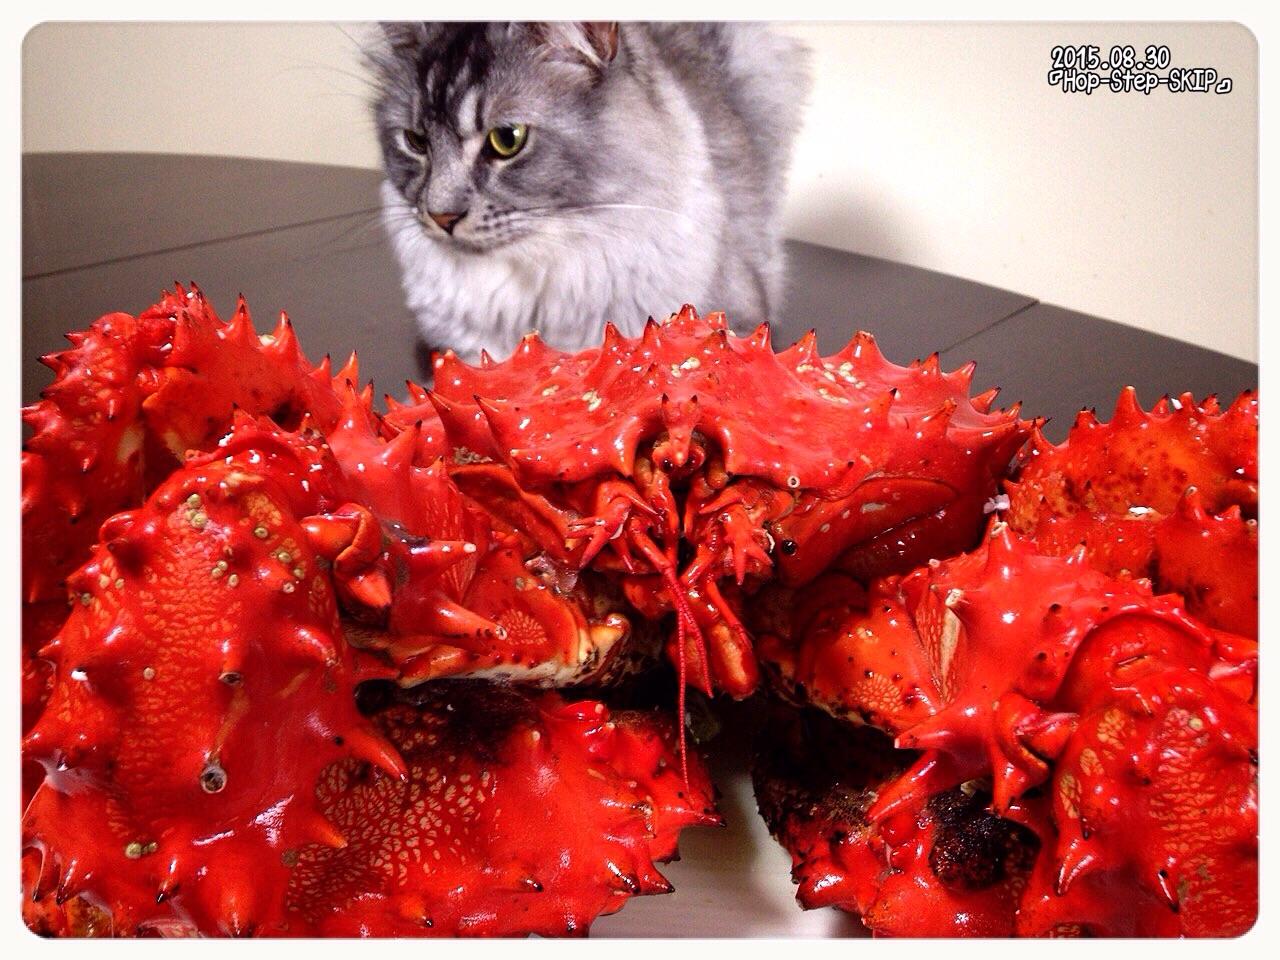 2『 花咲蟹も黙っちゃいない!日本晴れの北方領土の蟹うめぇ! だっぺ 』